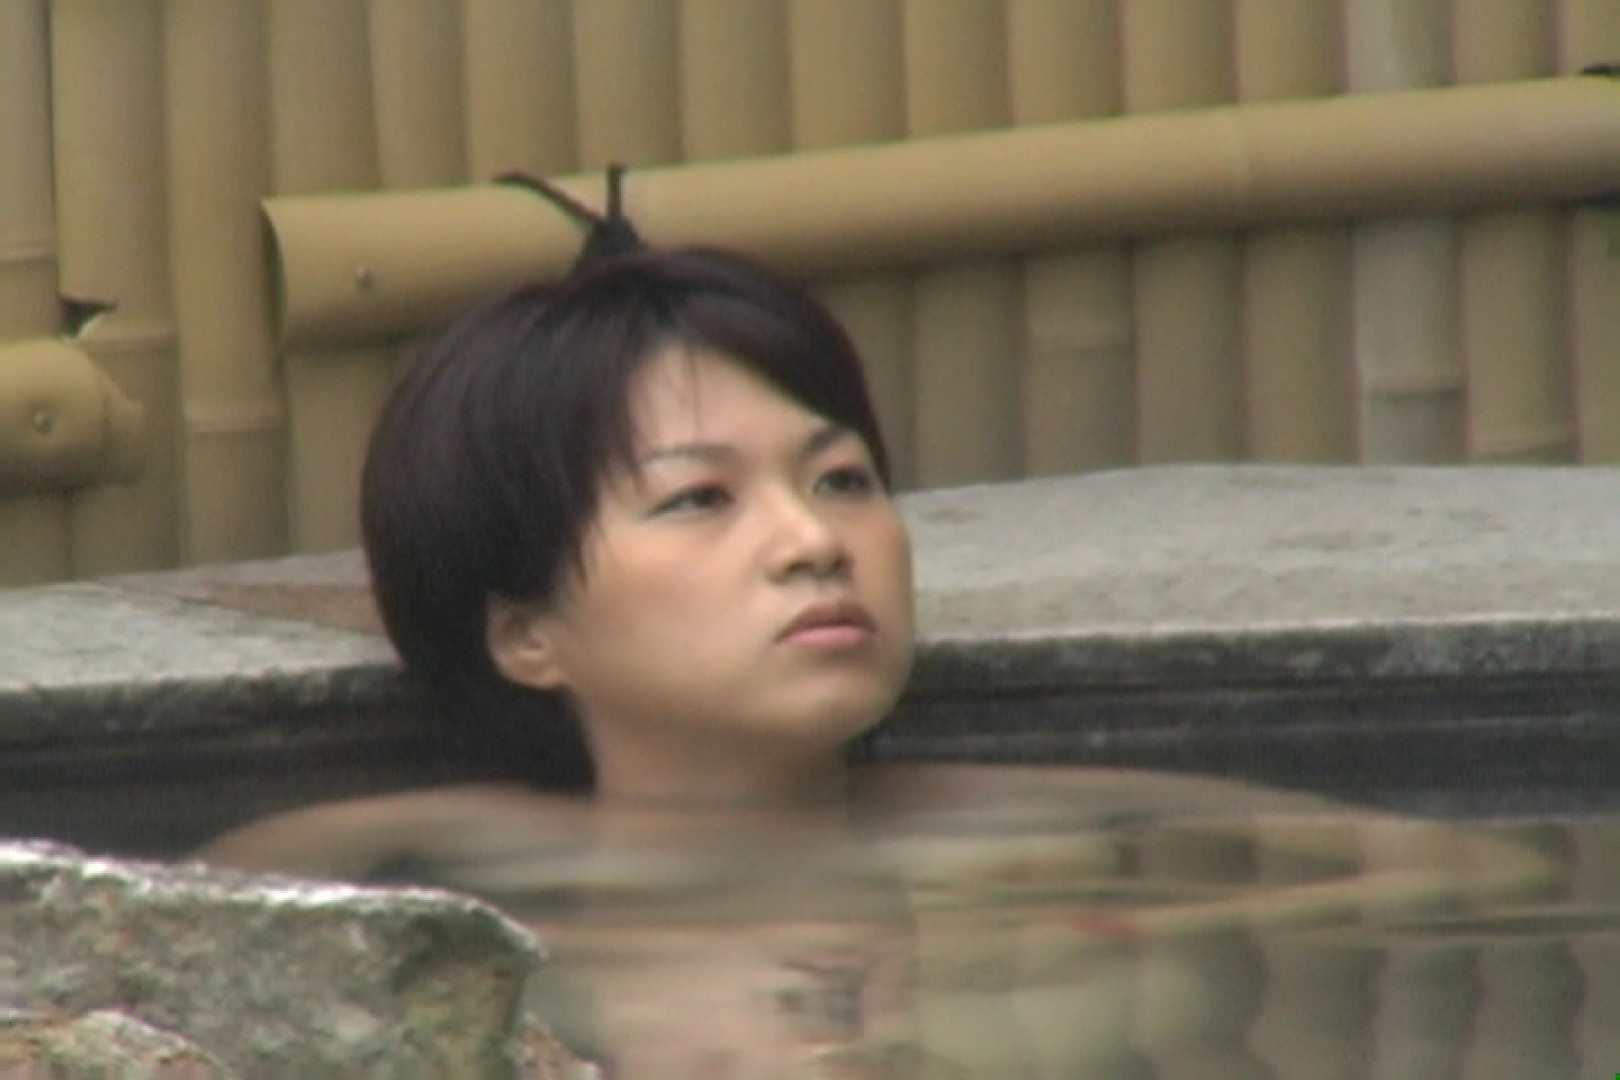 Aquaな露天風呂Vol.624 盗撮動画 | 露天風呂  10枚 1